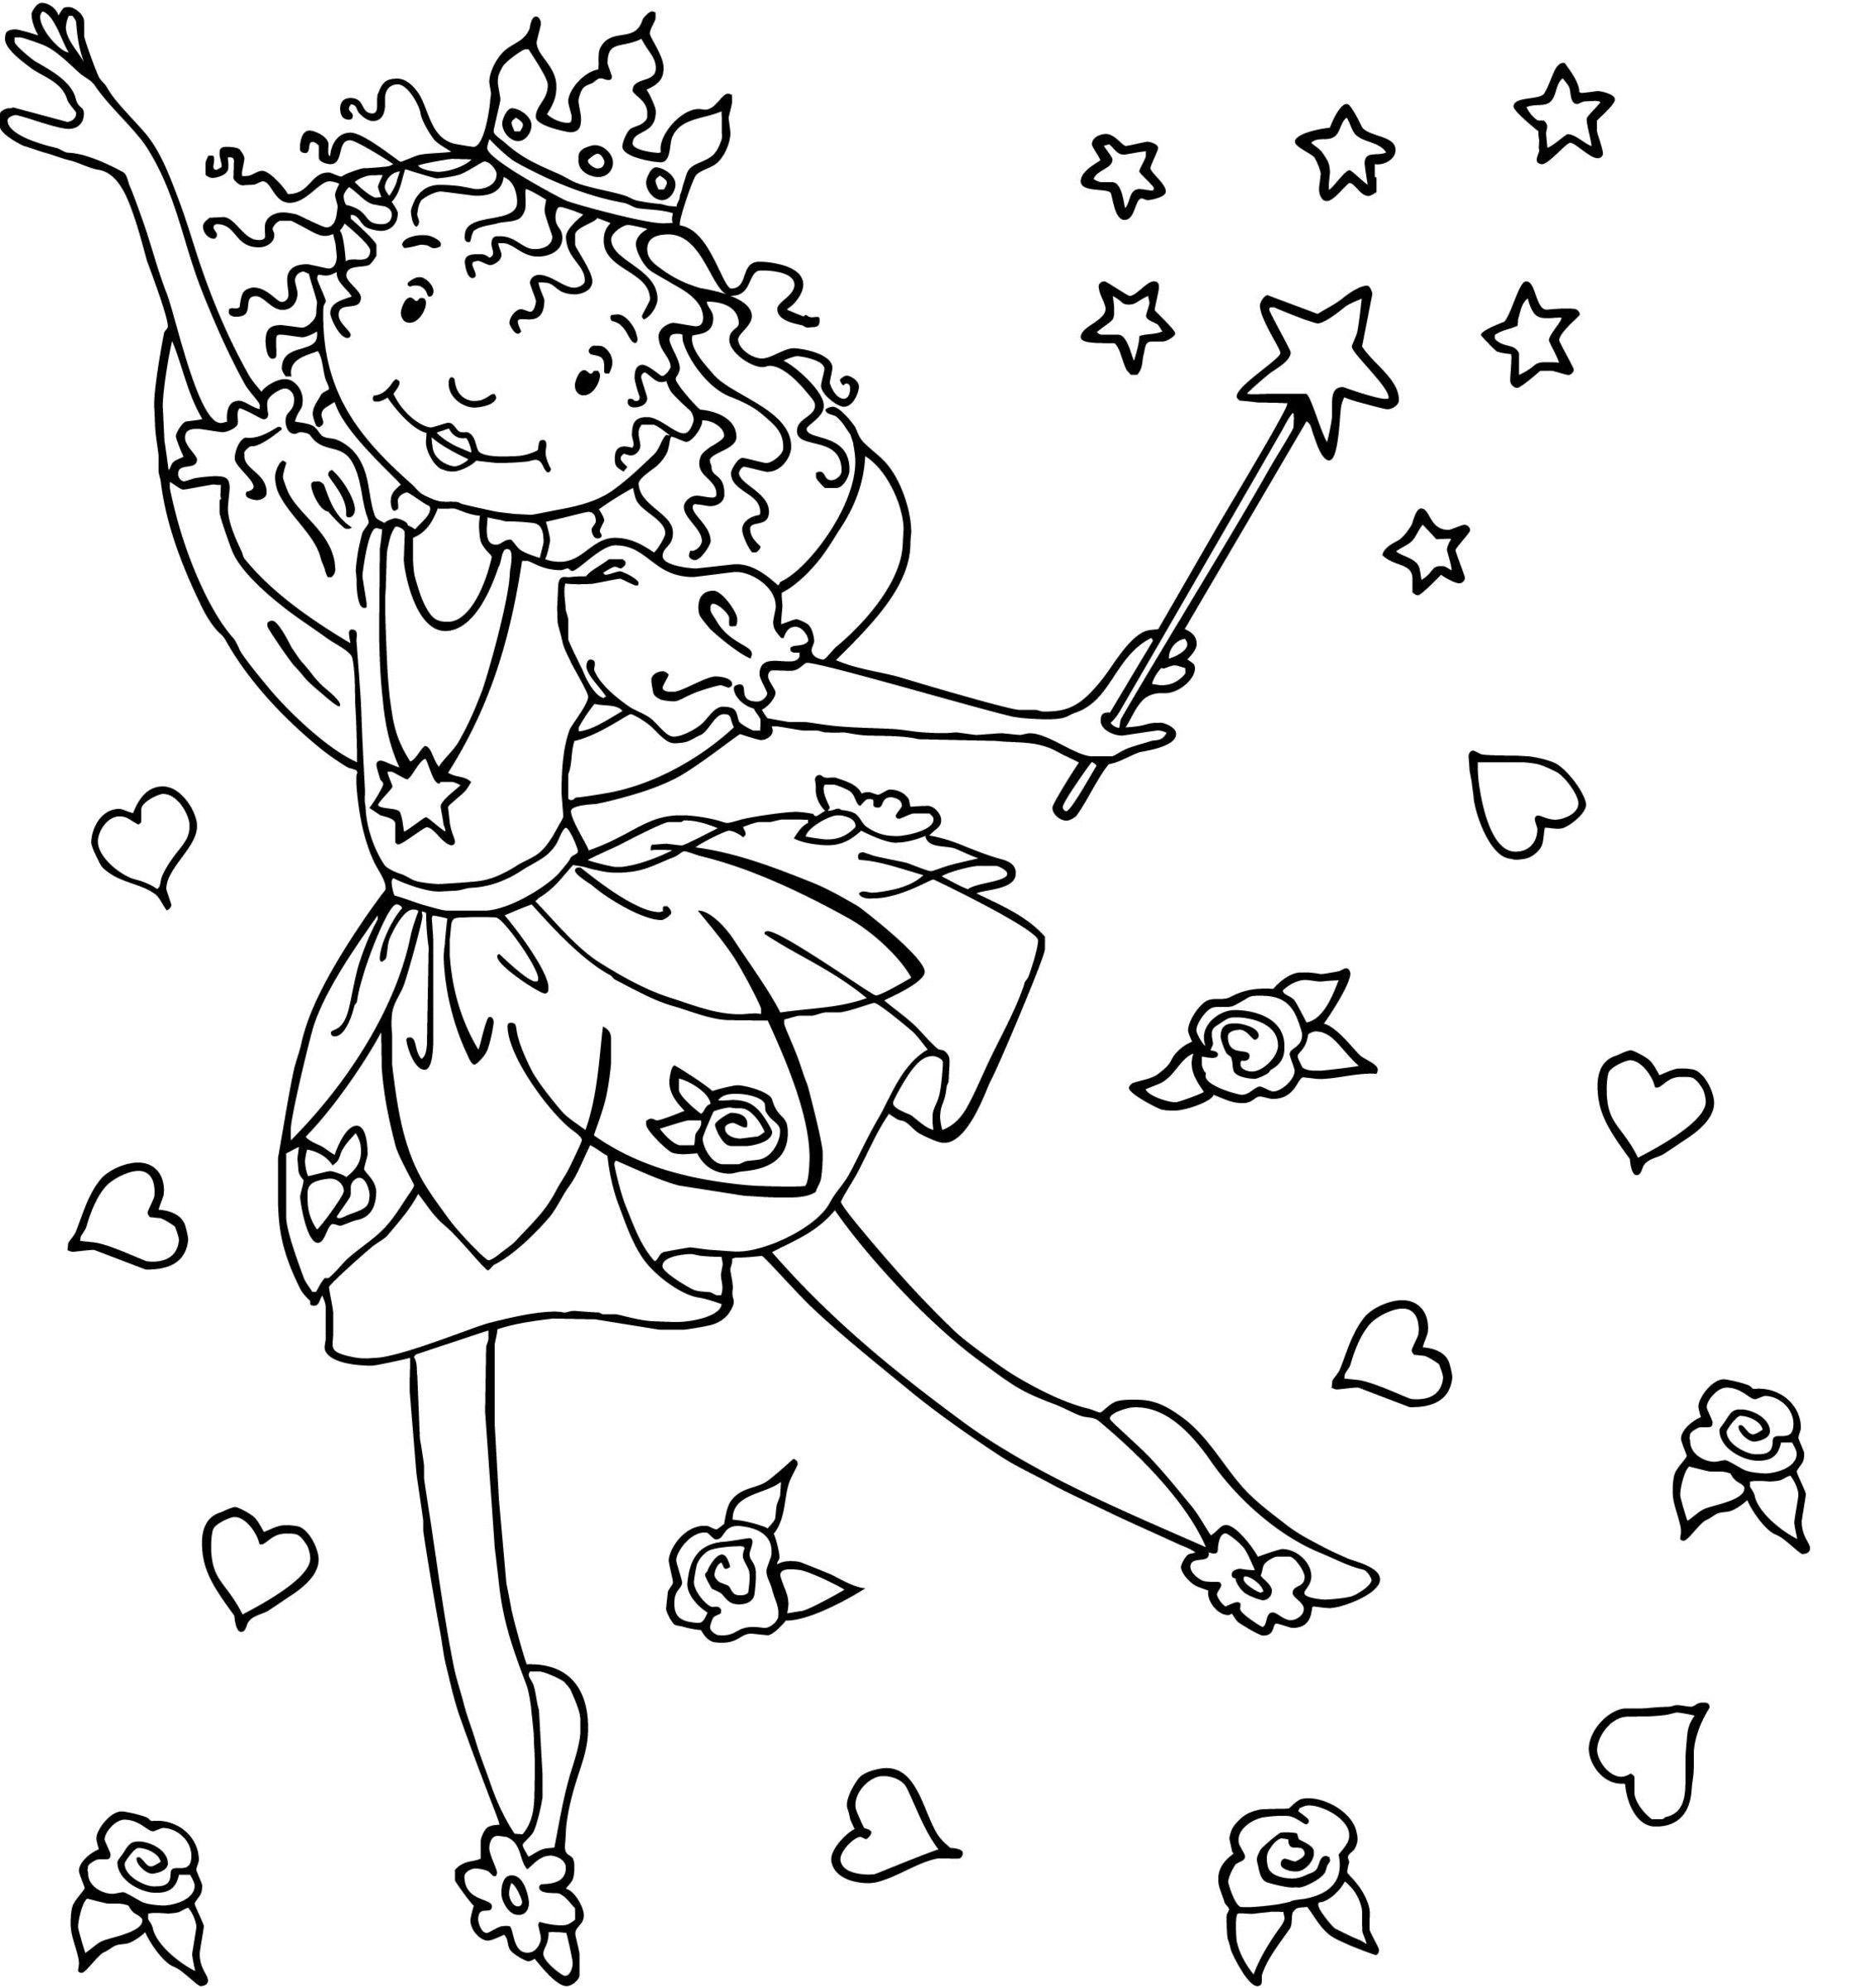 Ausmalbilder für Kinder - Malvorlagen und malbuch Kids